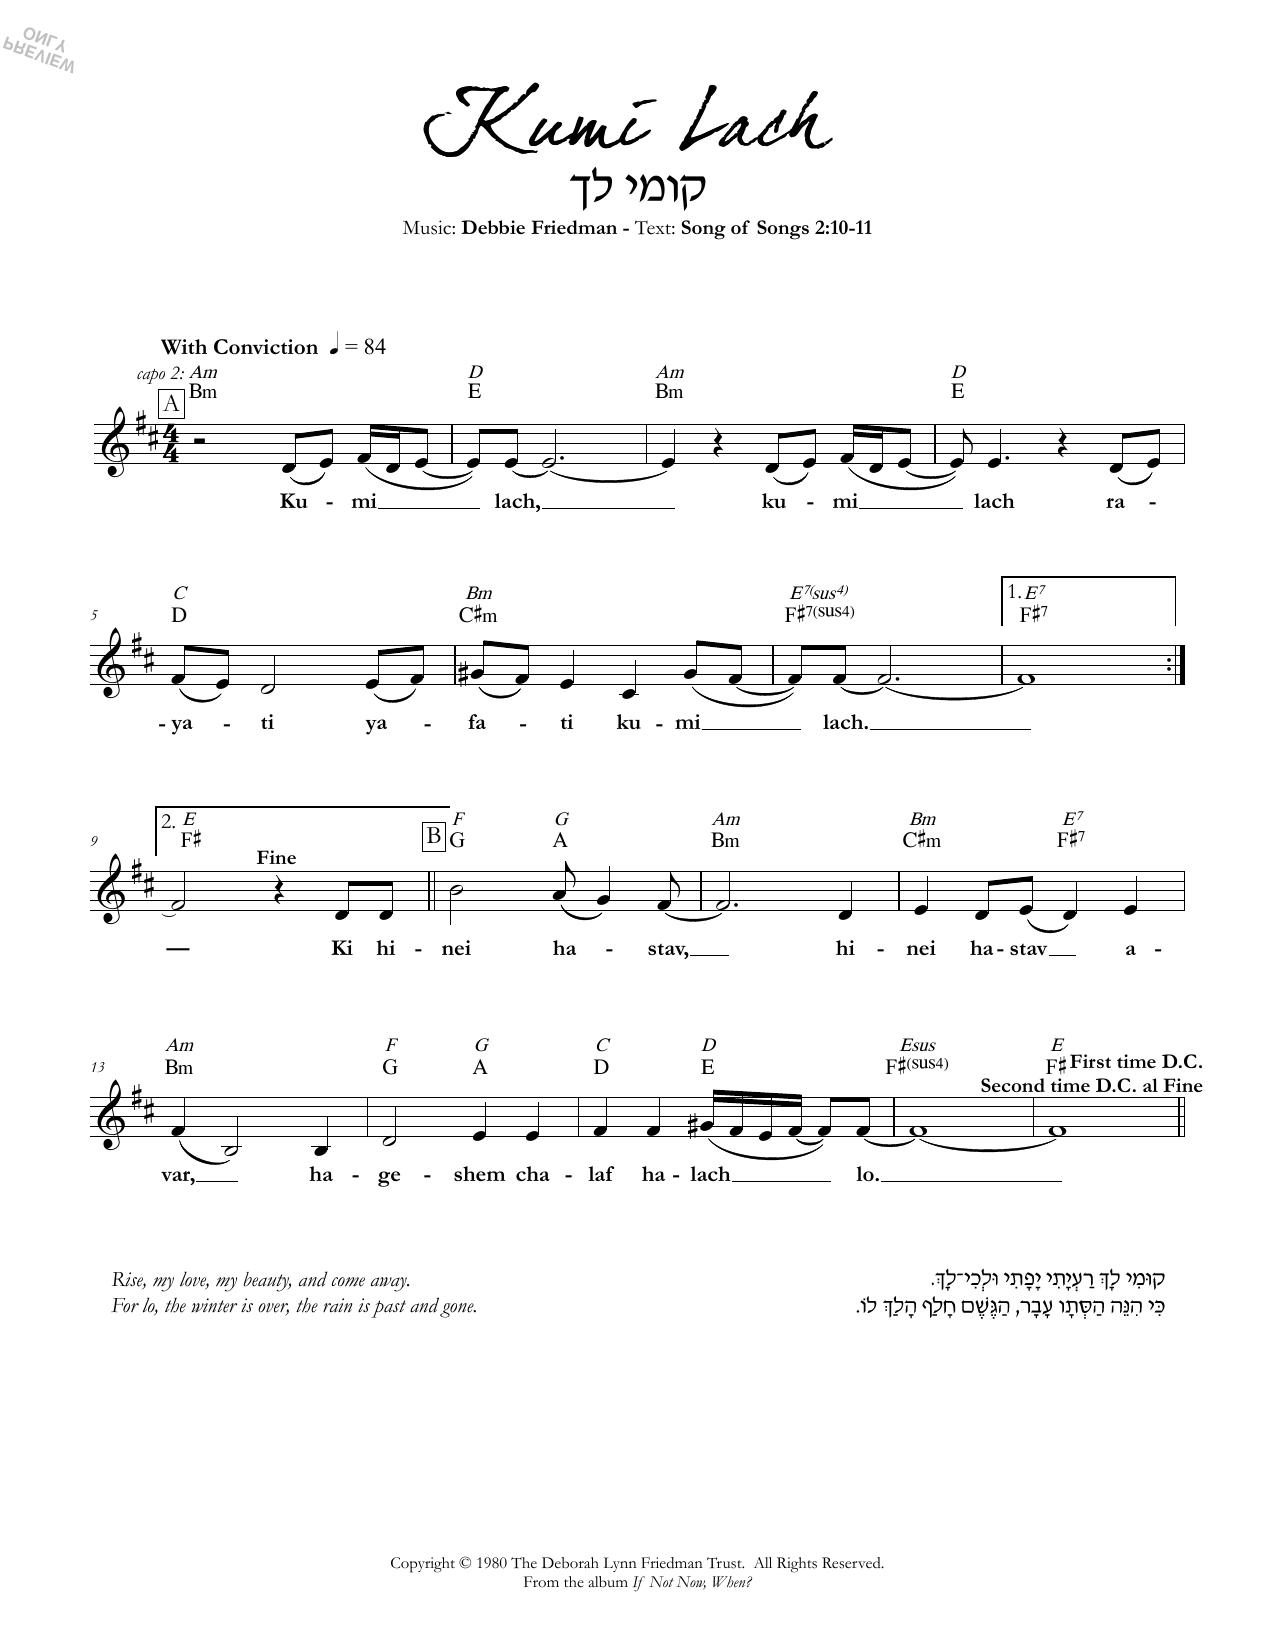 Kumi Lach Sheet Music